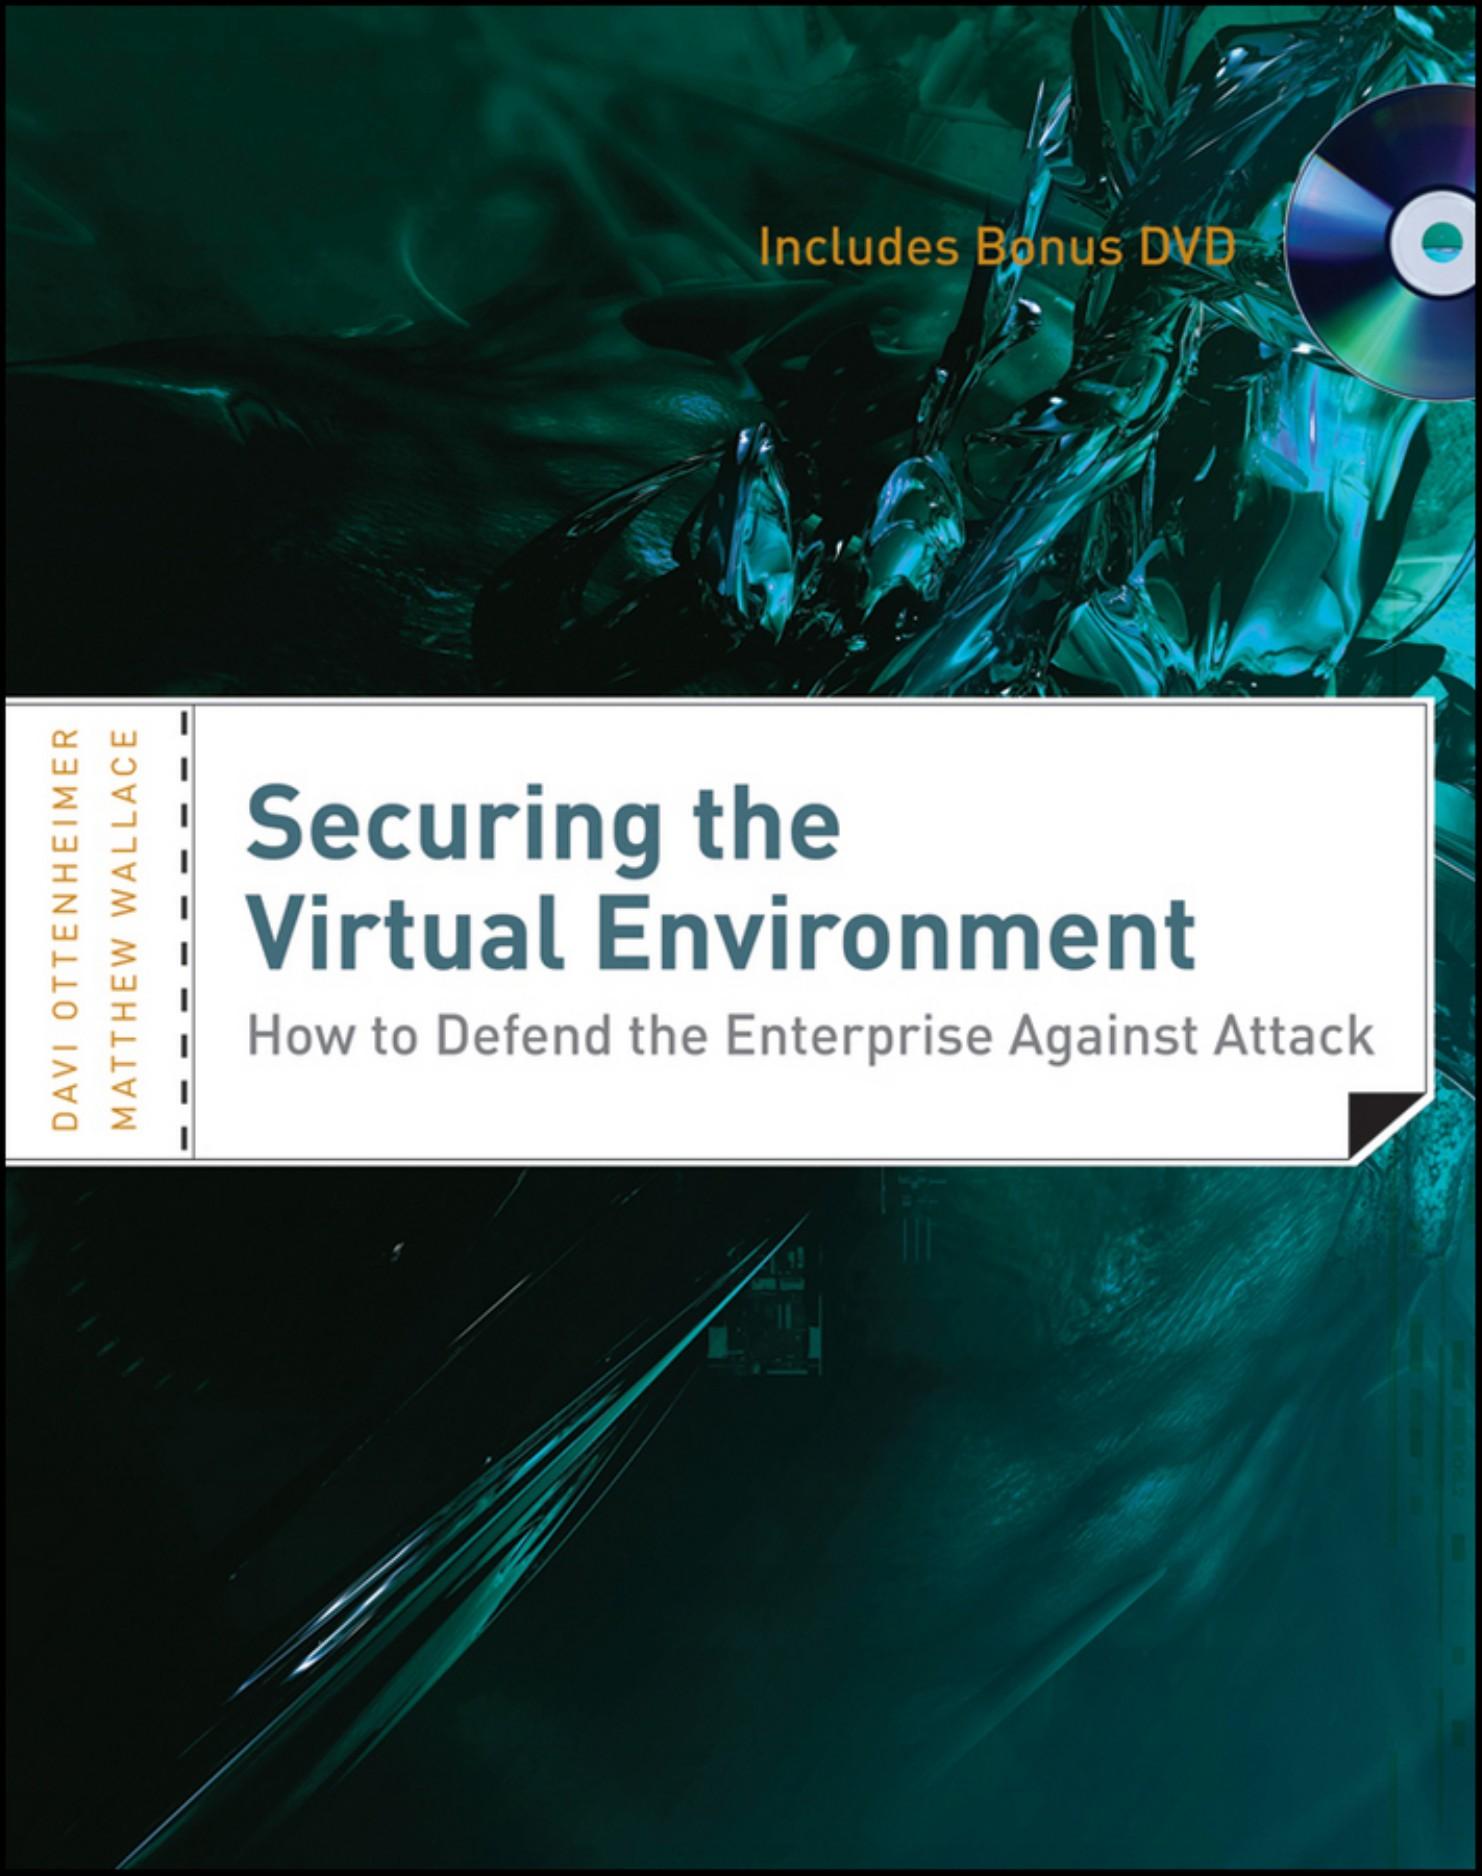 Samsung Dv45h7000ew/a2 Wiring Diagram Securing the Virtual Environment Of Samsung Dv45h7000ew/a2 Wiring Diagram